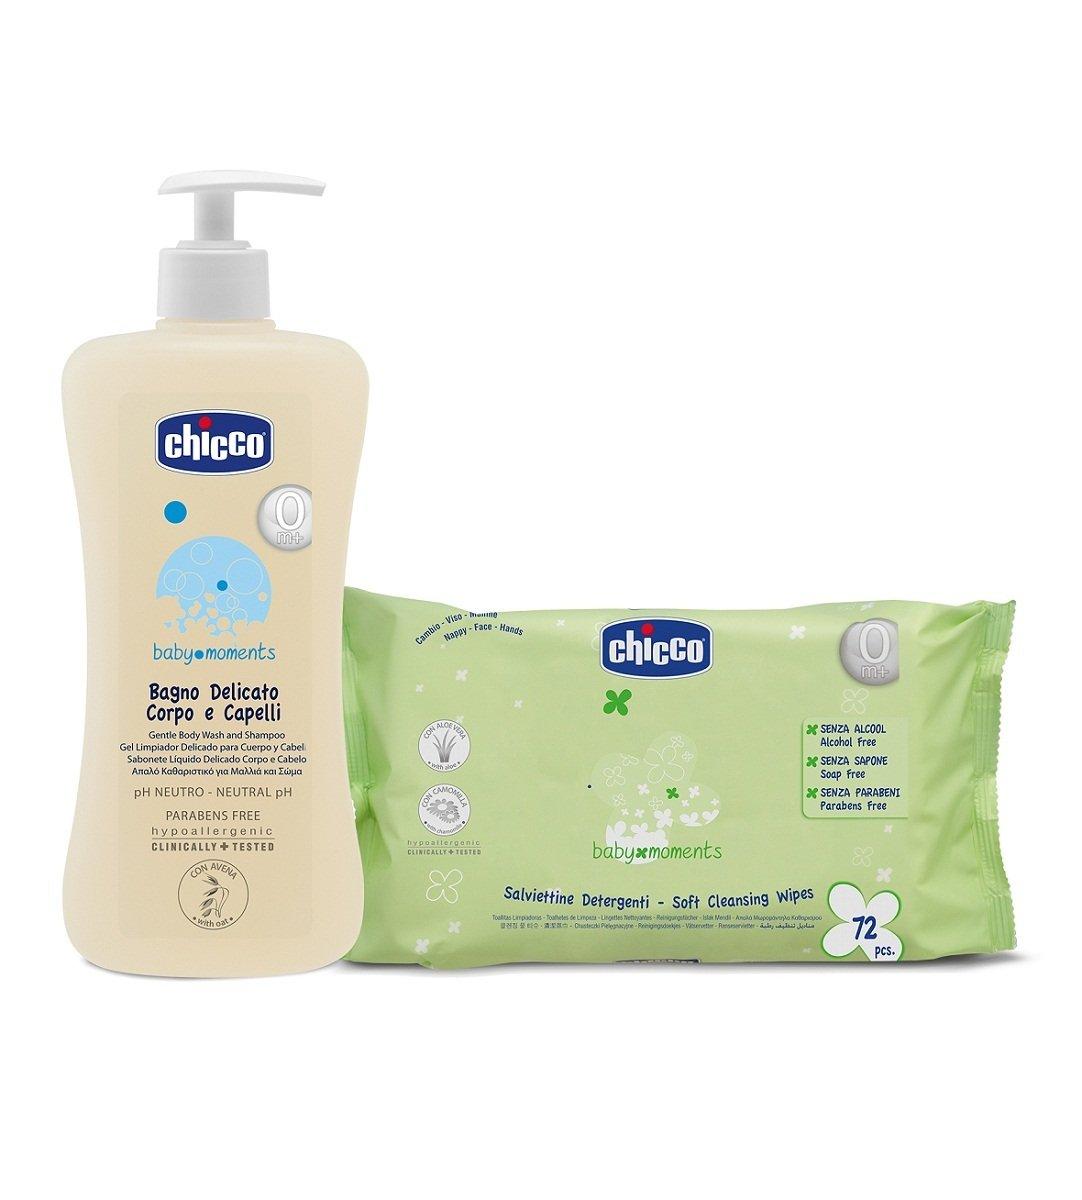 溫和洗髮沐浴清潔露500ml + 清潔濕巾72片裝